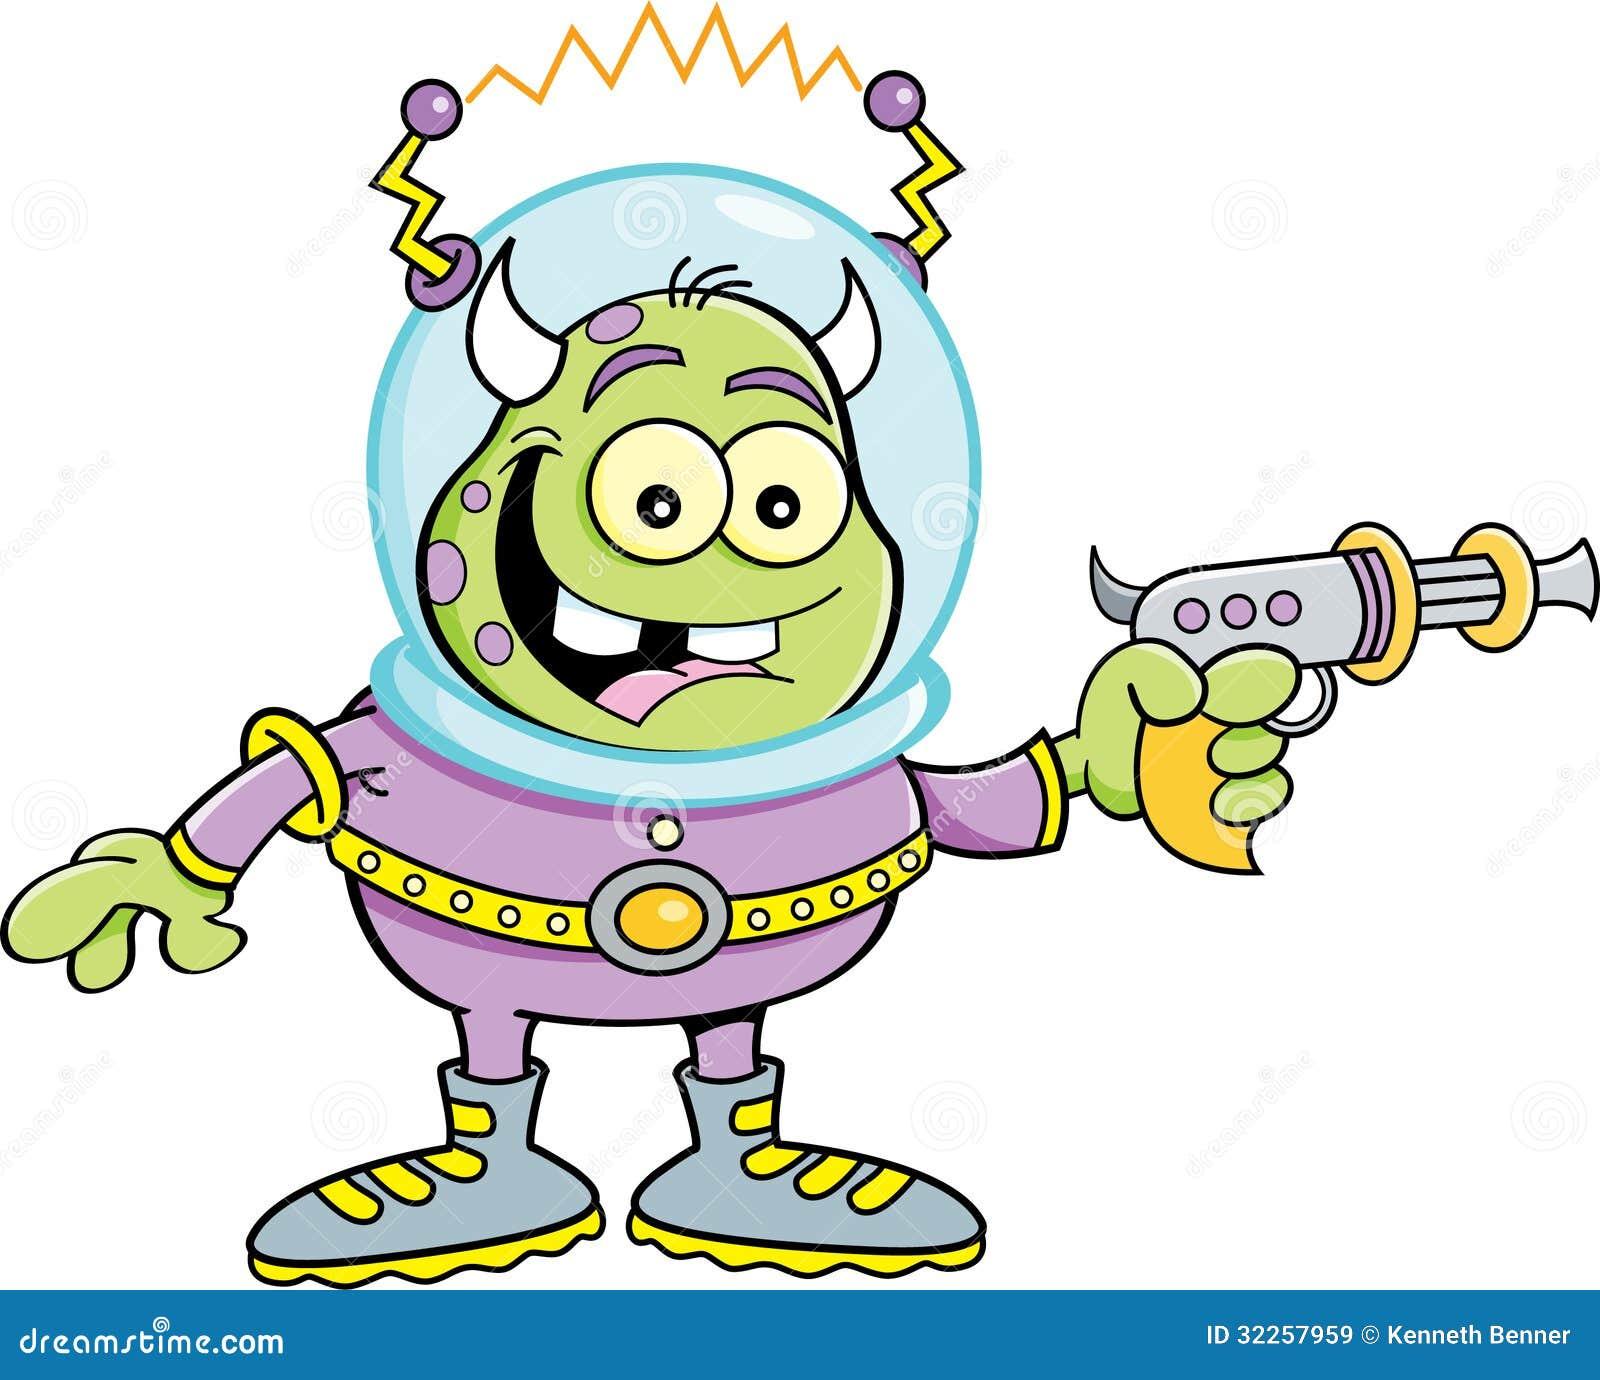 Space Alien Clipart